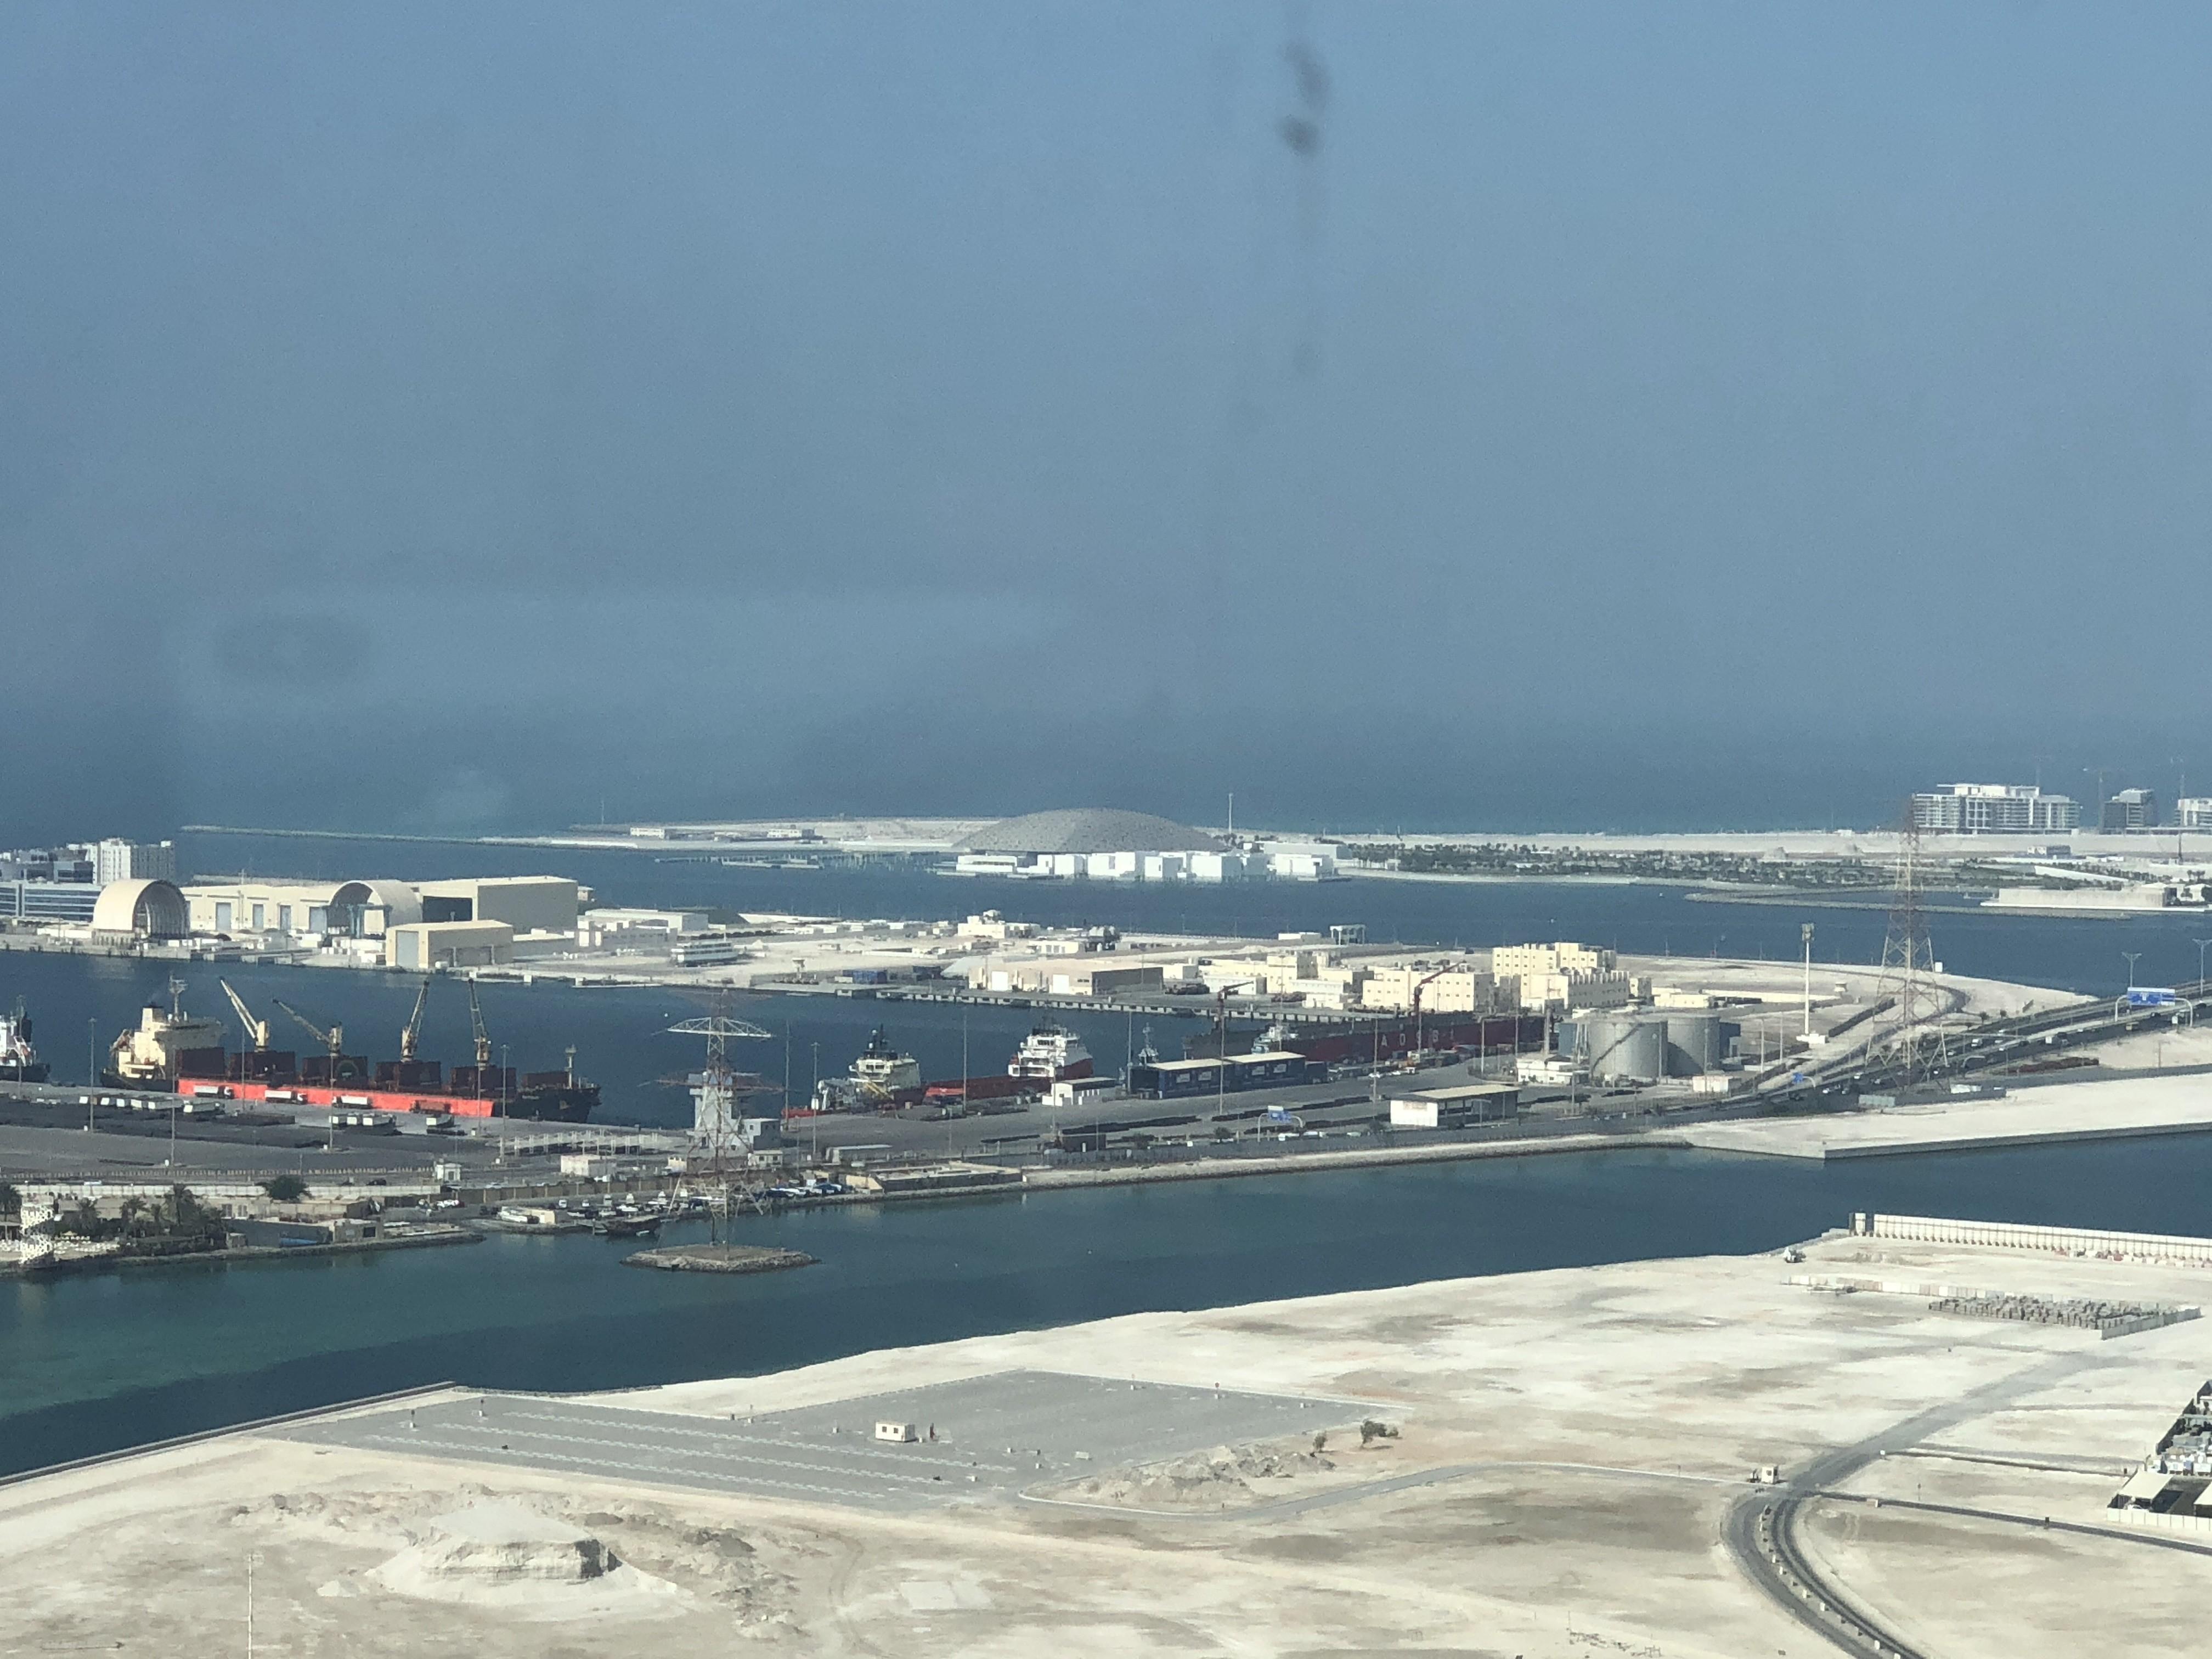 Vista do campus de Abu Dhabi, com vista para o museu do Louvre Abu Dhabi, ao fundo (Foto: Arquivo pessoal)